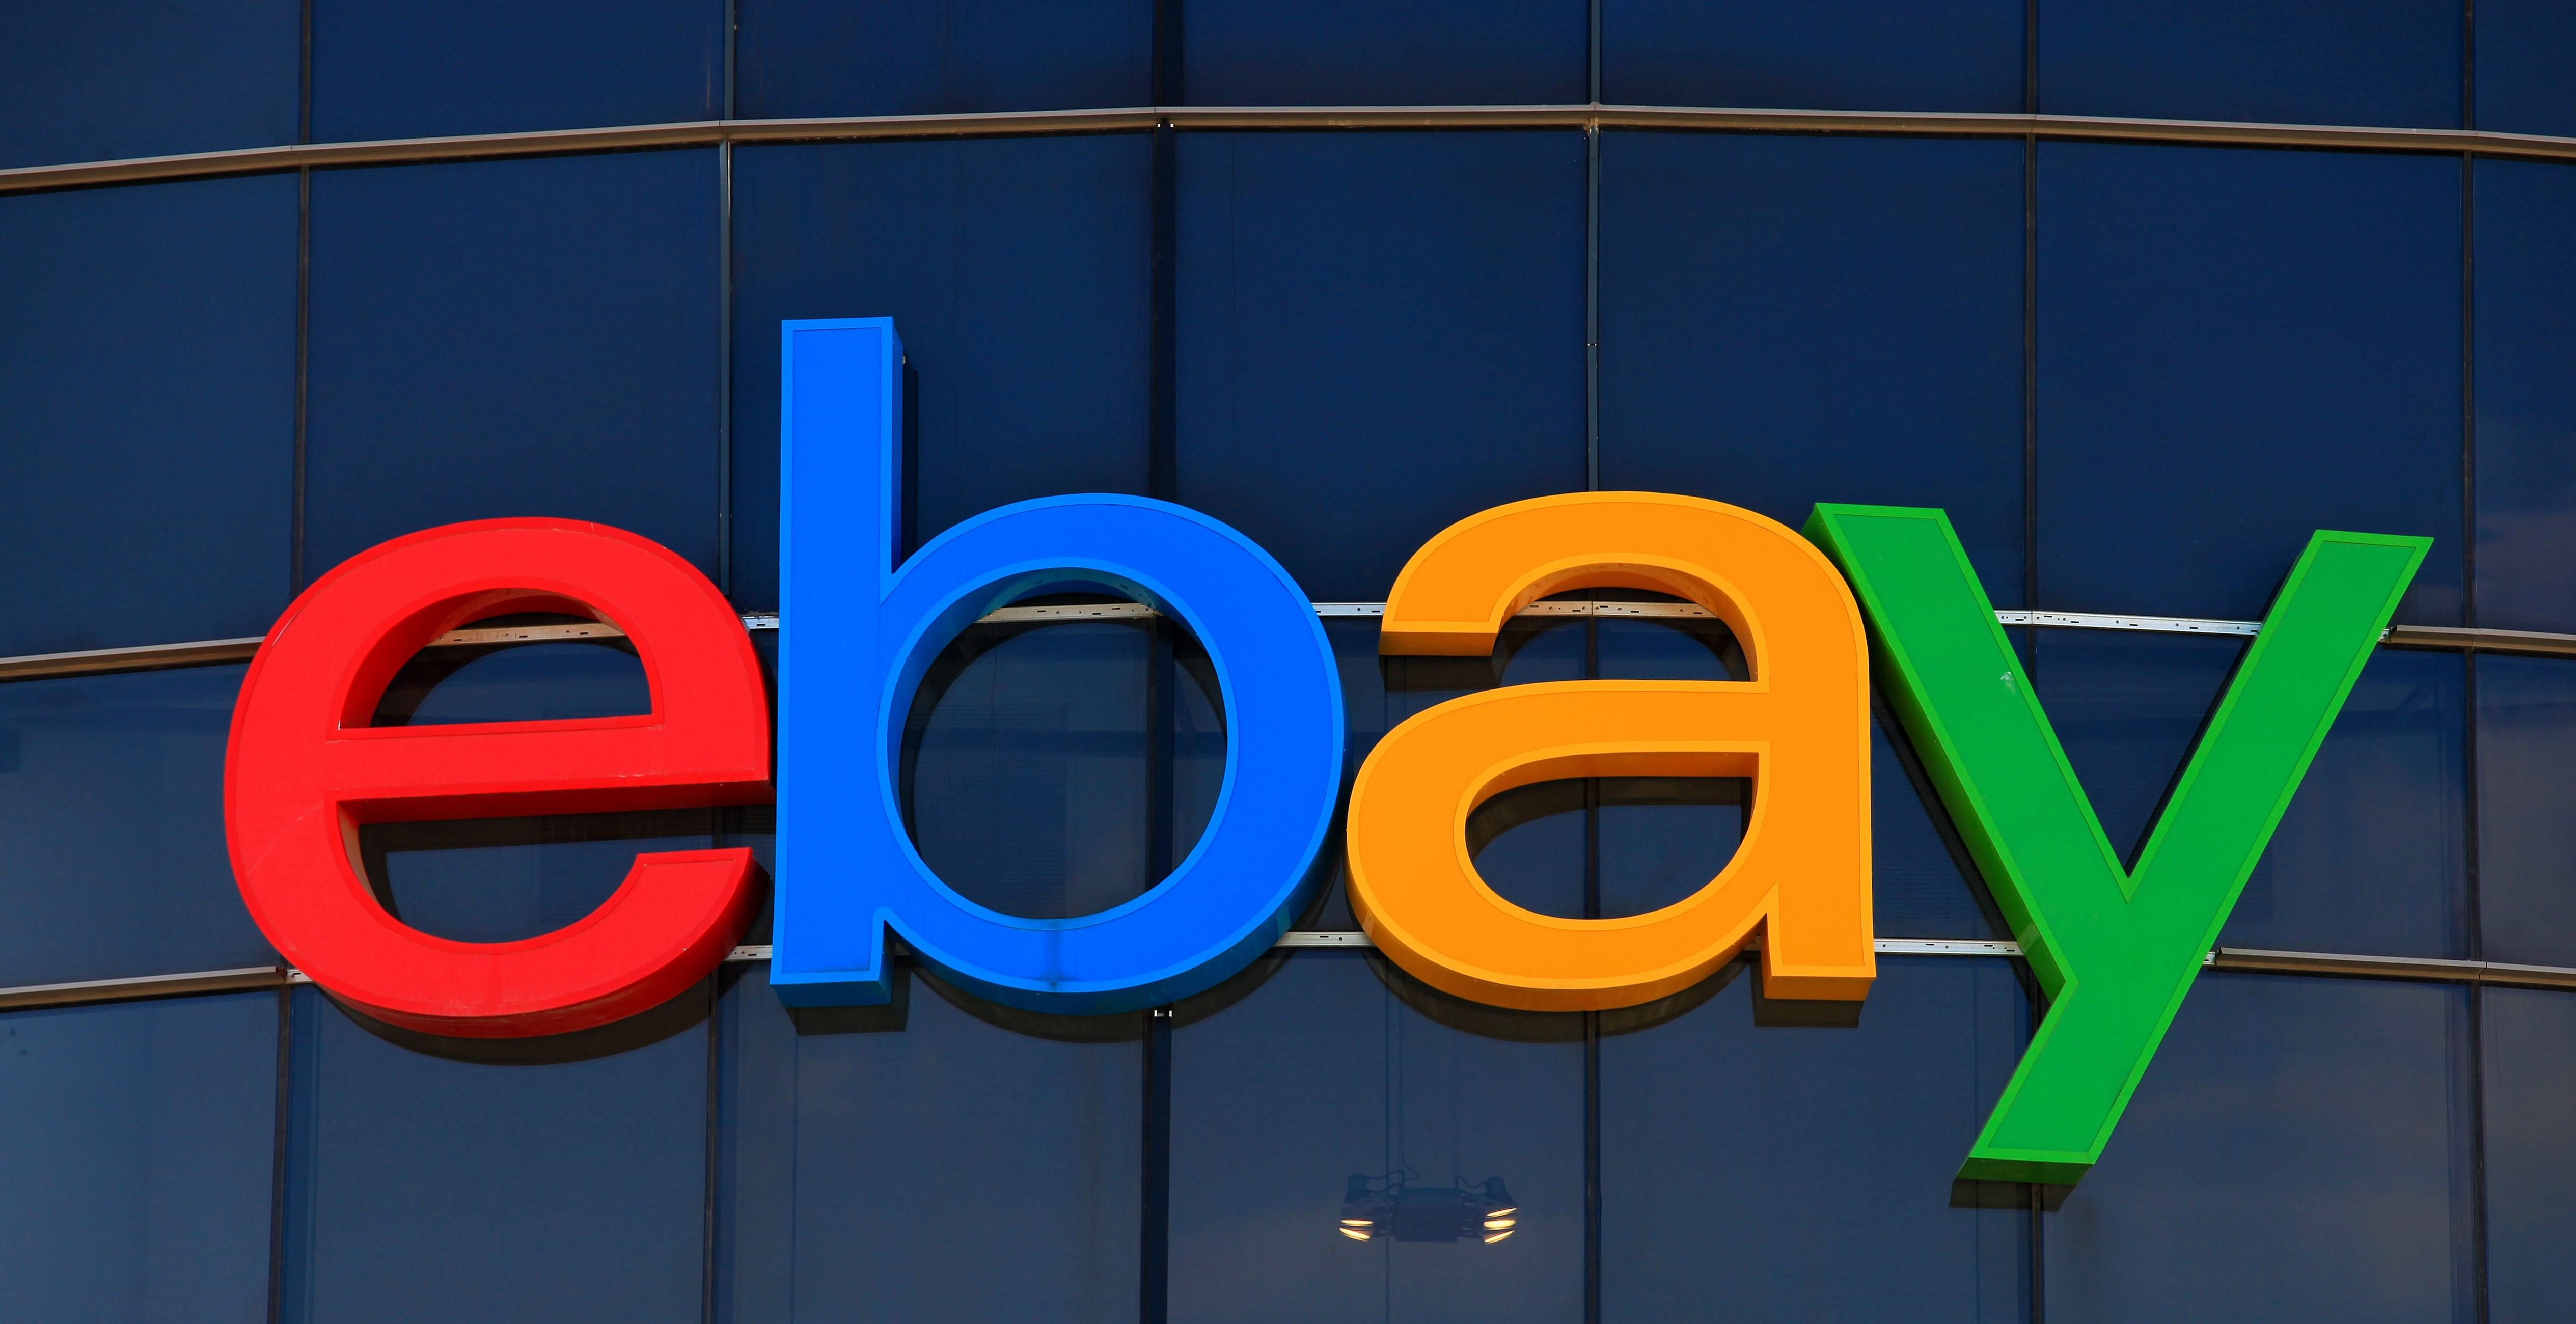 Ebay molla Paypal: record in Borsa e nuova sfida ad Amazon